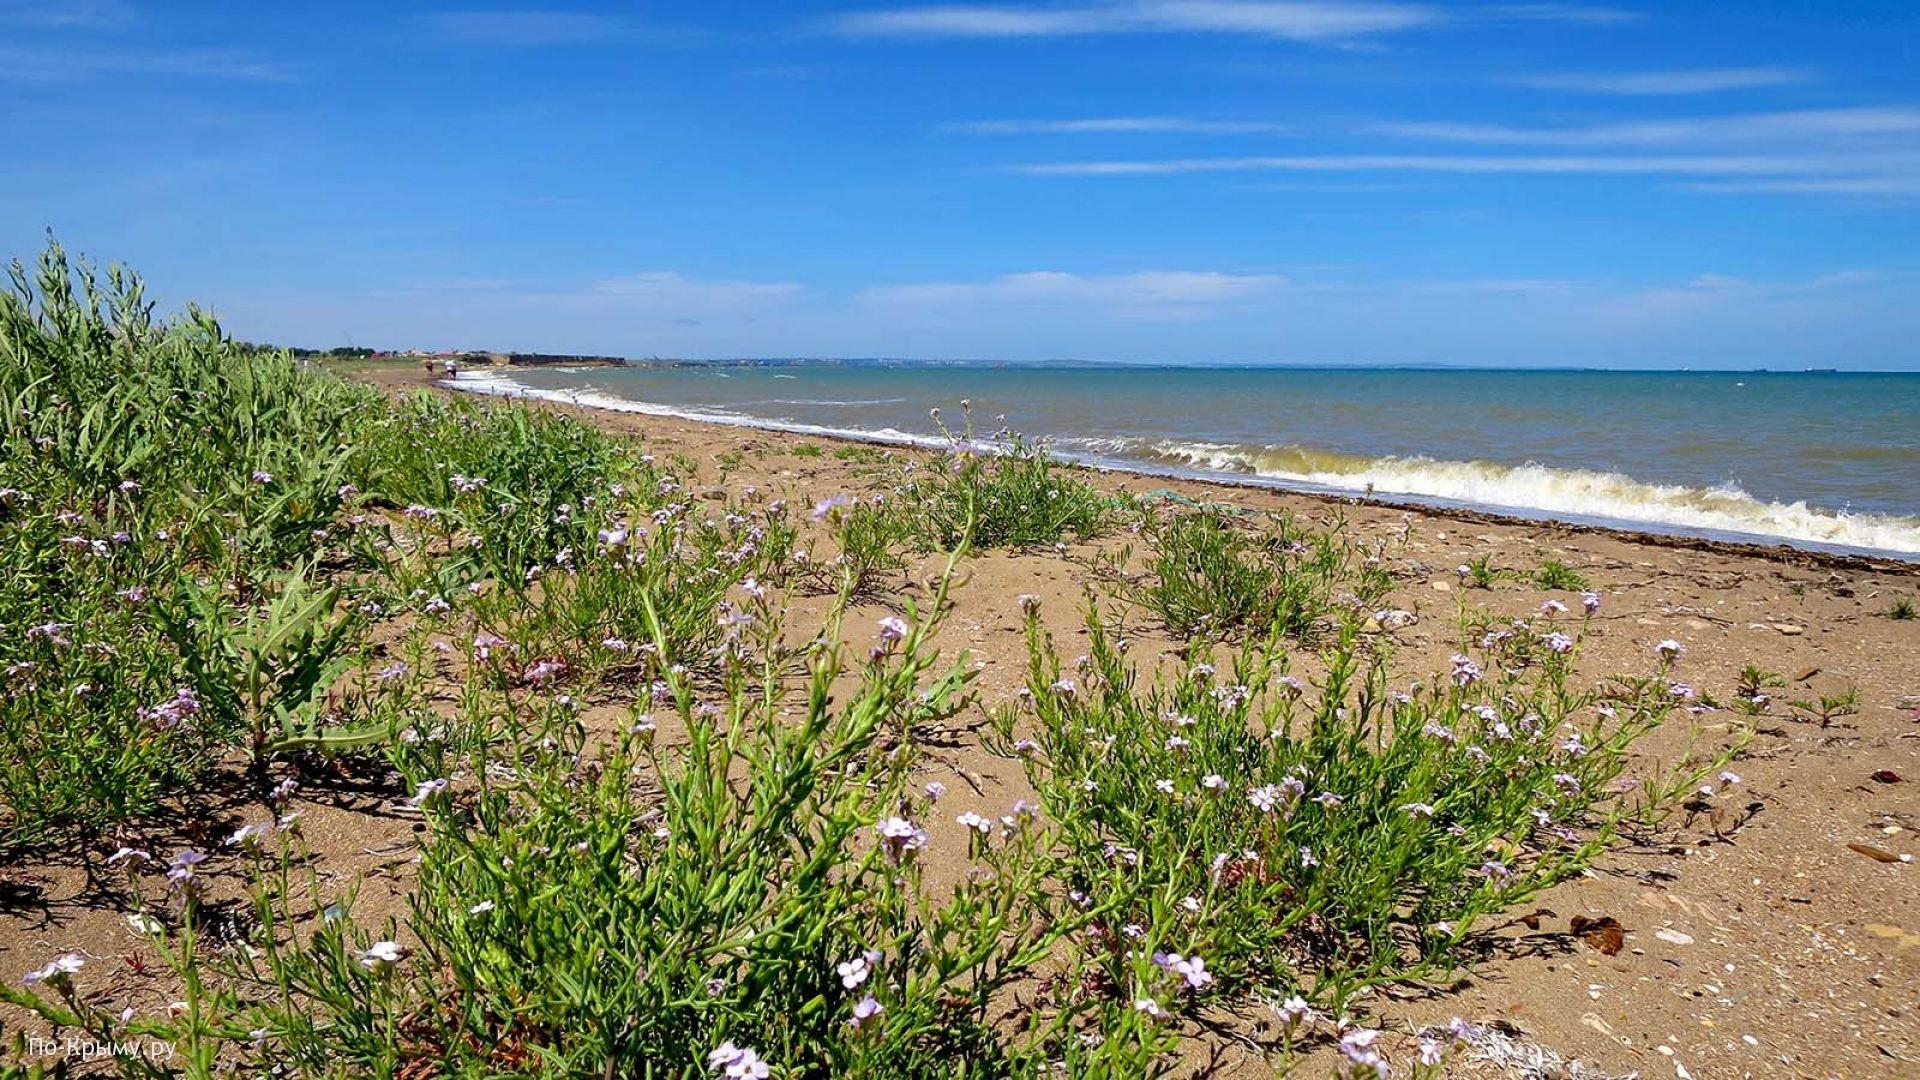 Керченский пролив. Песчаный пляж у озера Тобечикское